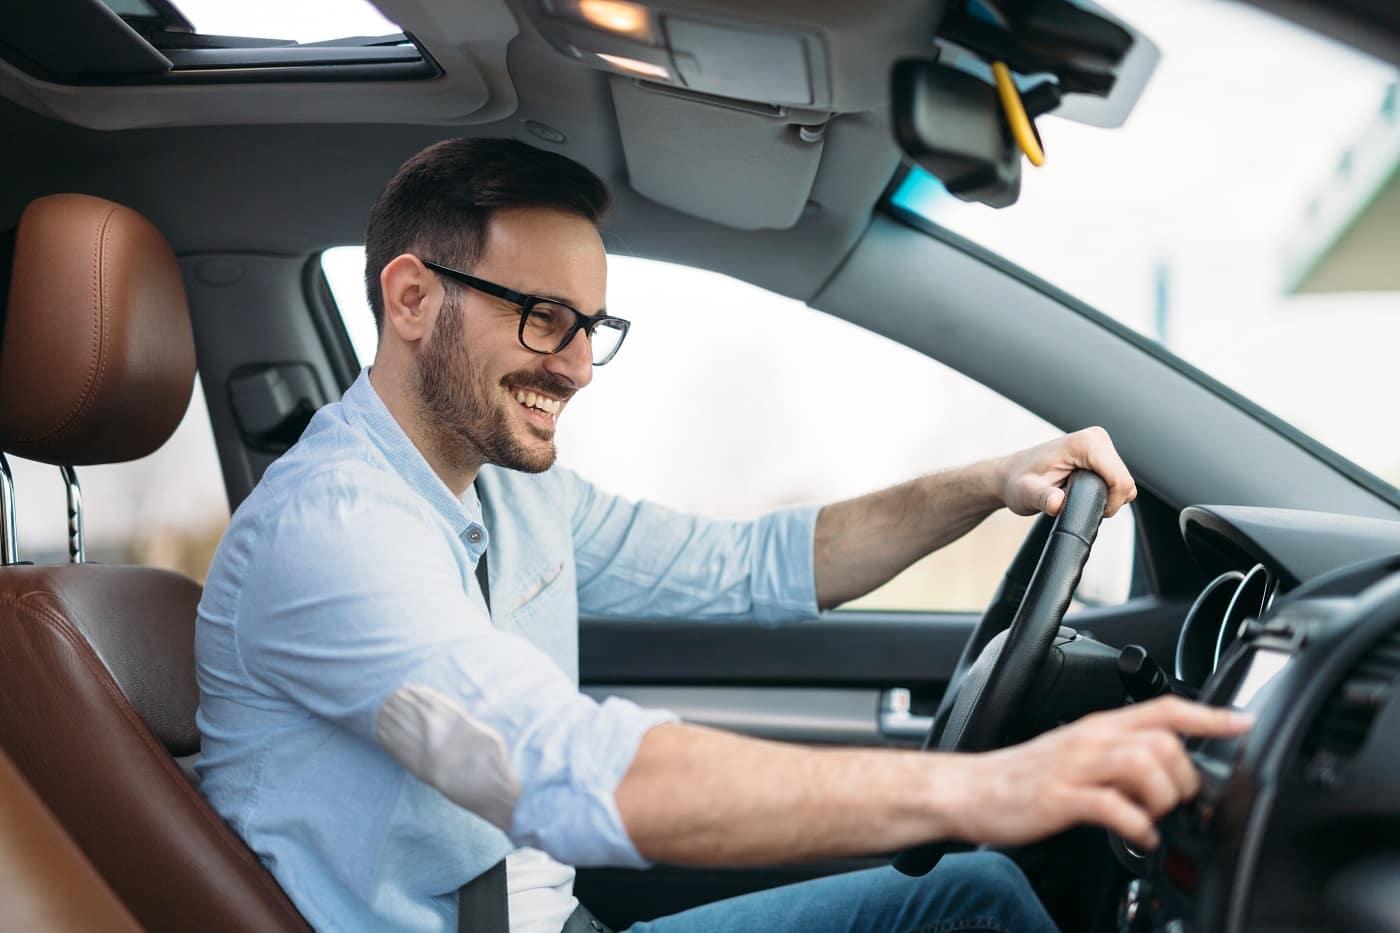 Car Driving posture